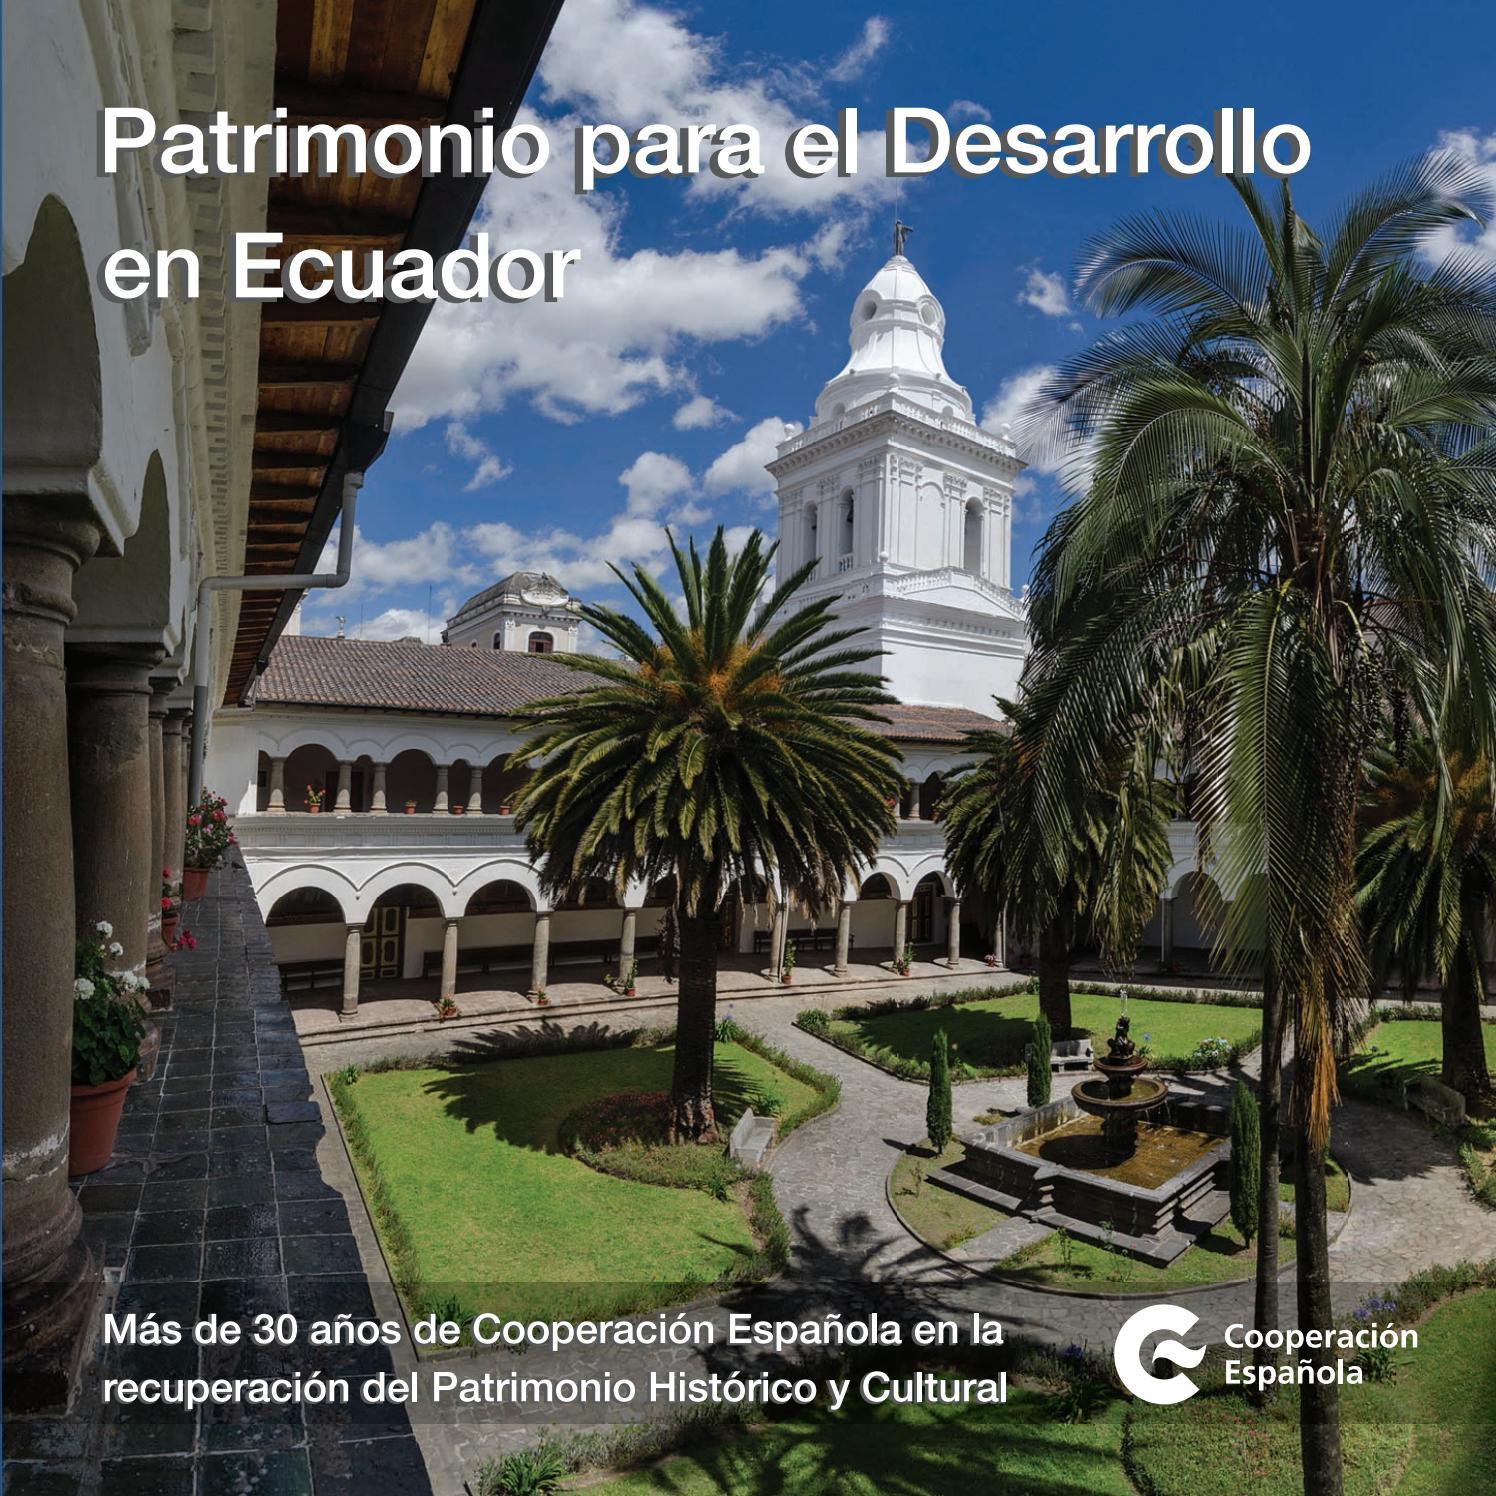 67c47a2f8778a Patrimonio para el Desarrollo en Ecuador by AECID PUBLICACIONES - issuu